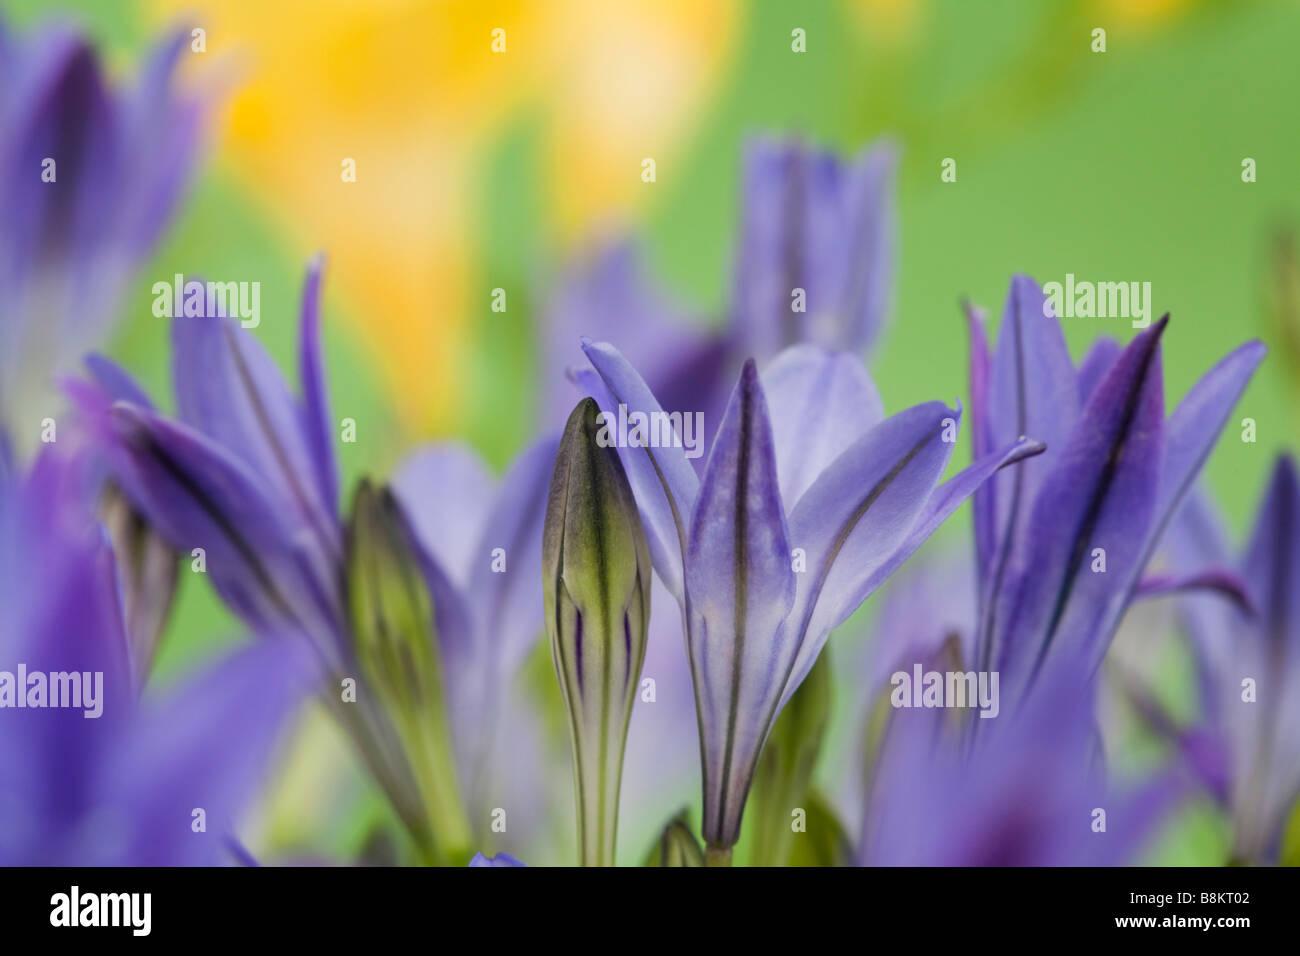 Triteleia laxa o Brodiaea laxa montante viola pallido fiori blu in stretta fino dolcemente diffusa. Immagini Stock